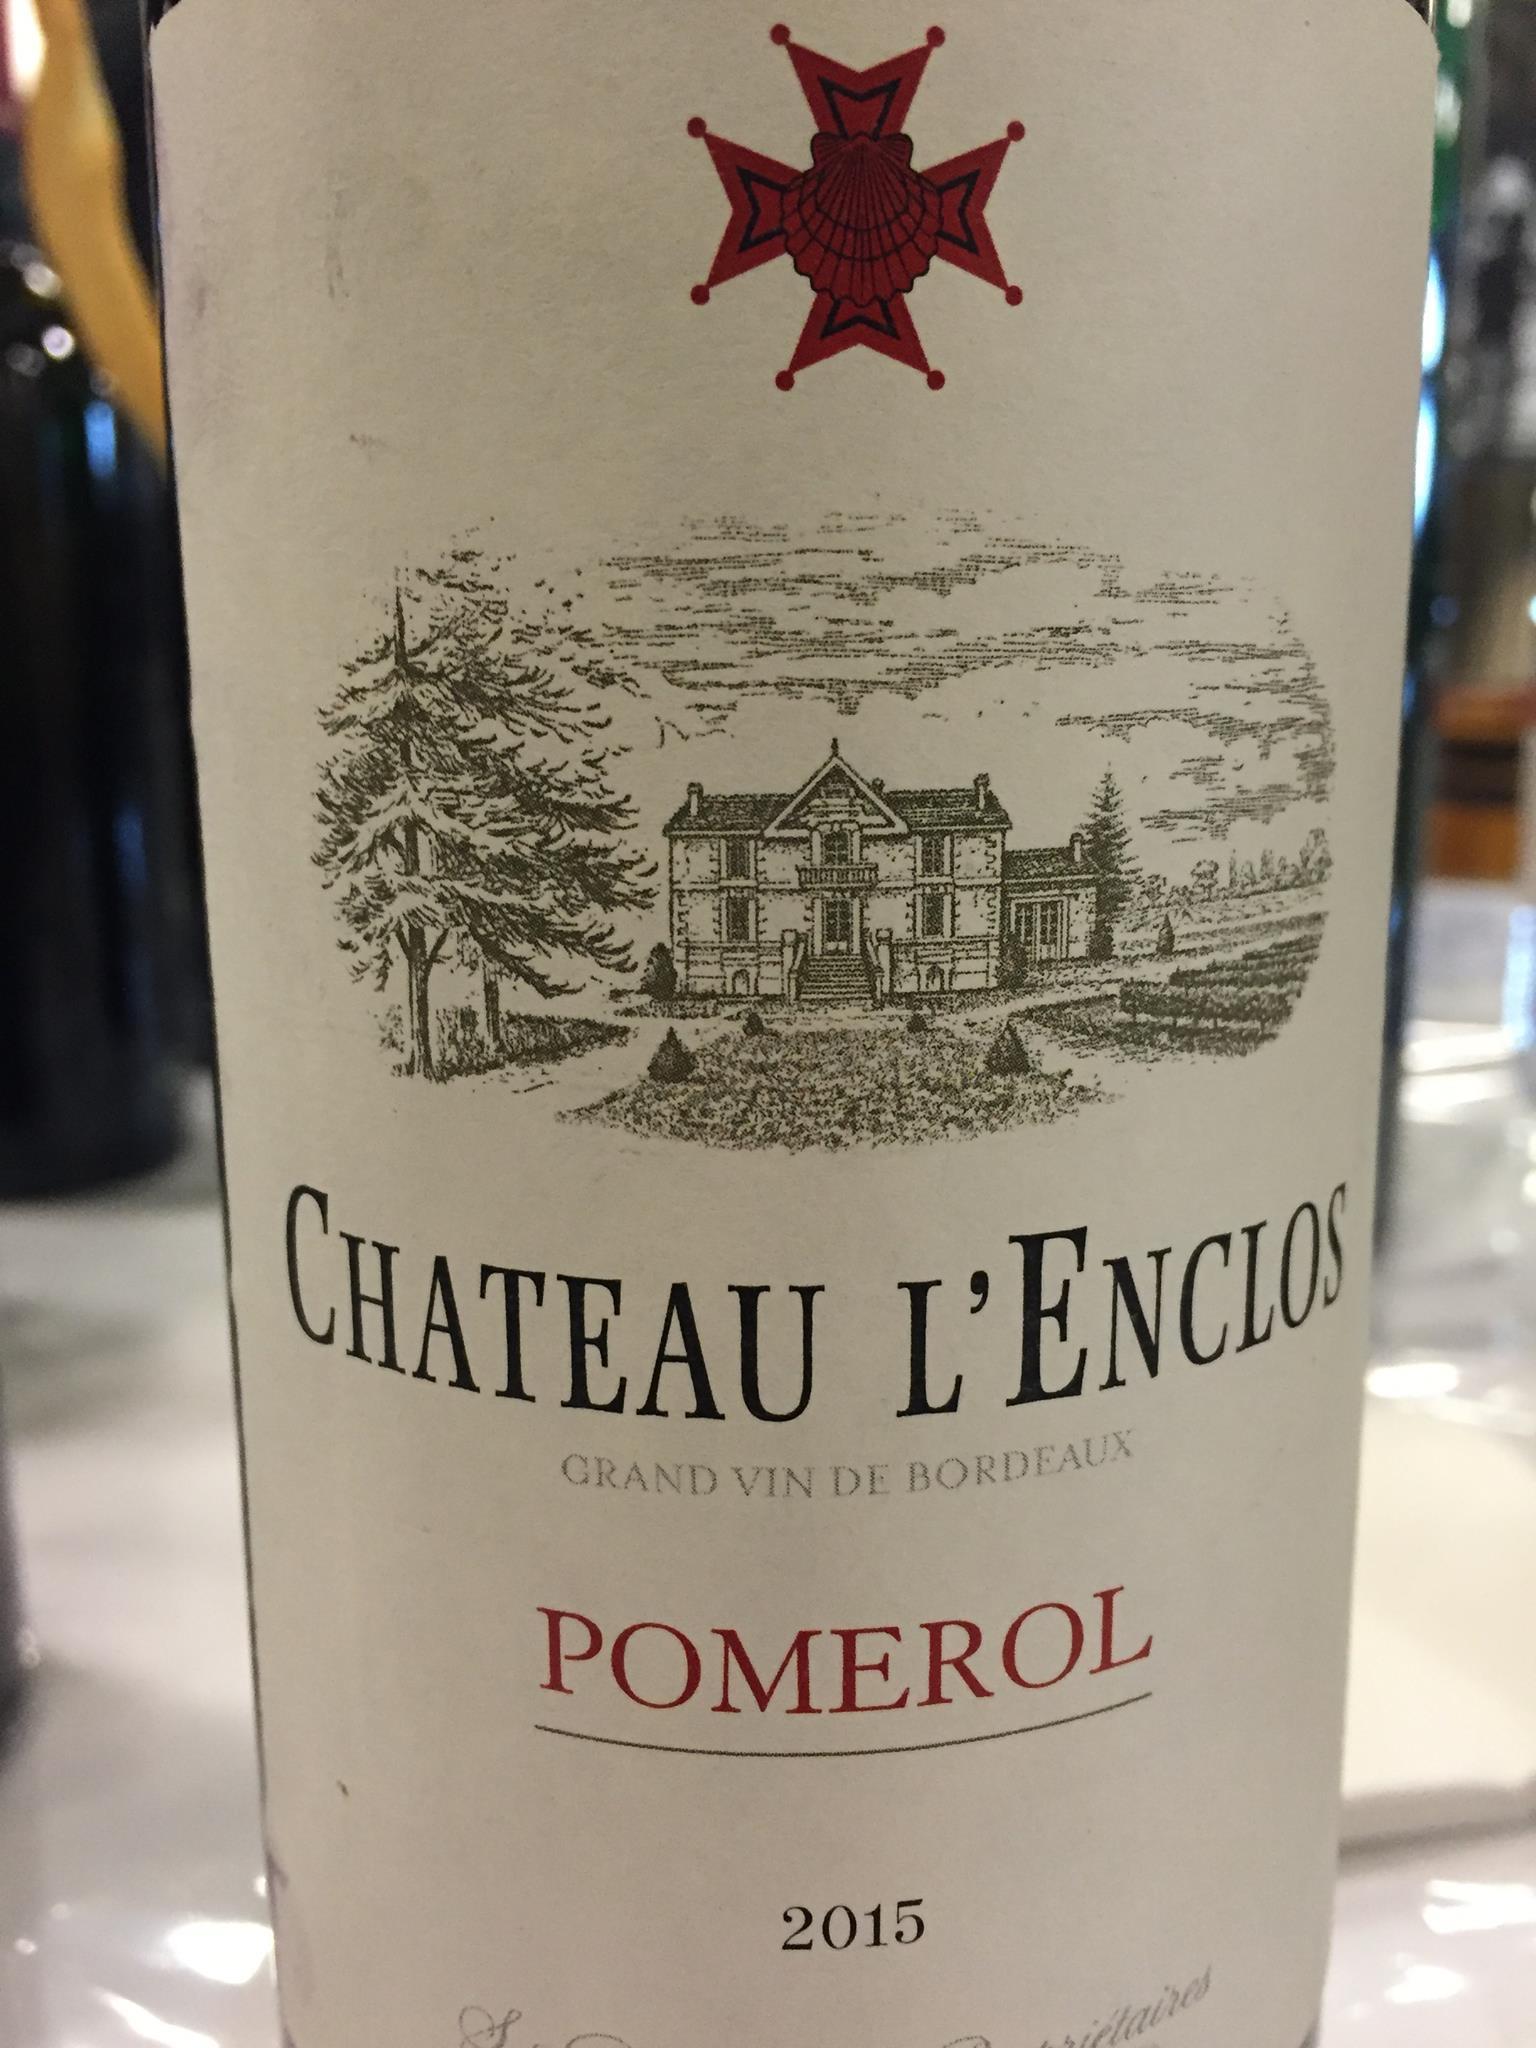 Château L'enclos 2015 – Pomerol